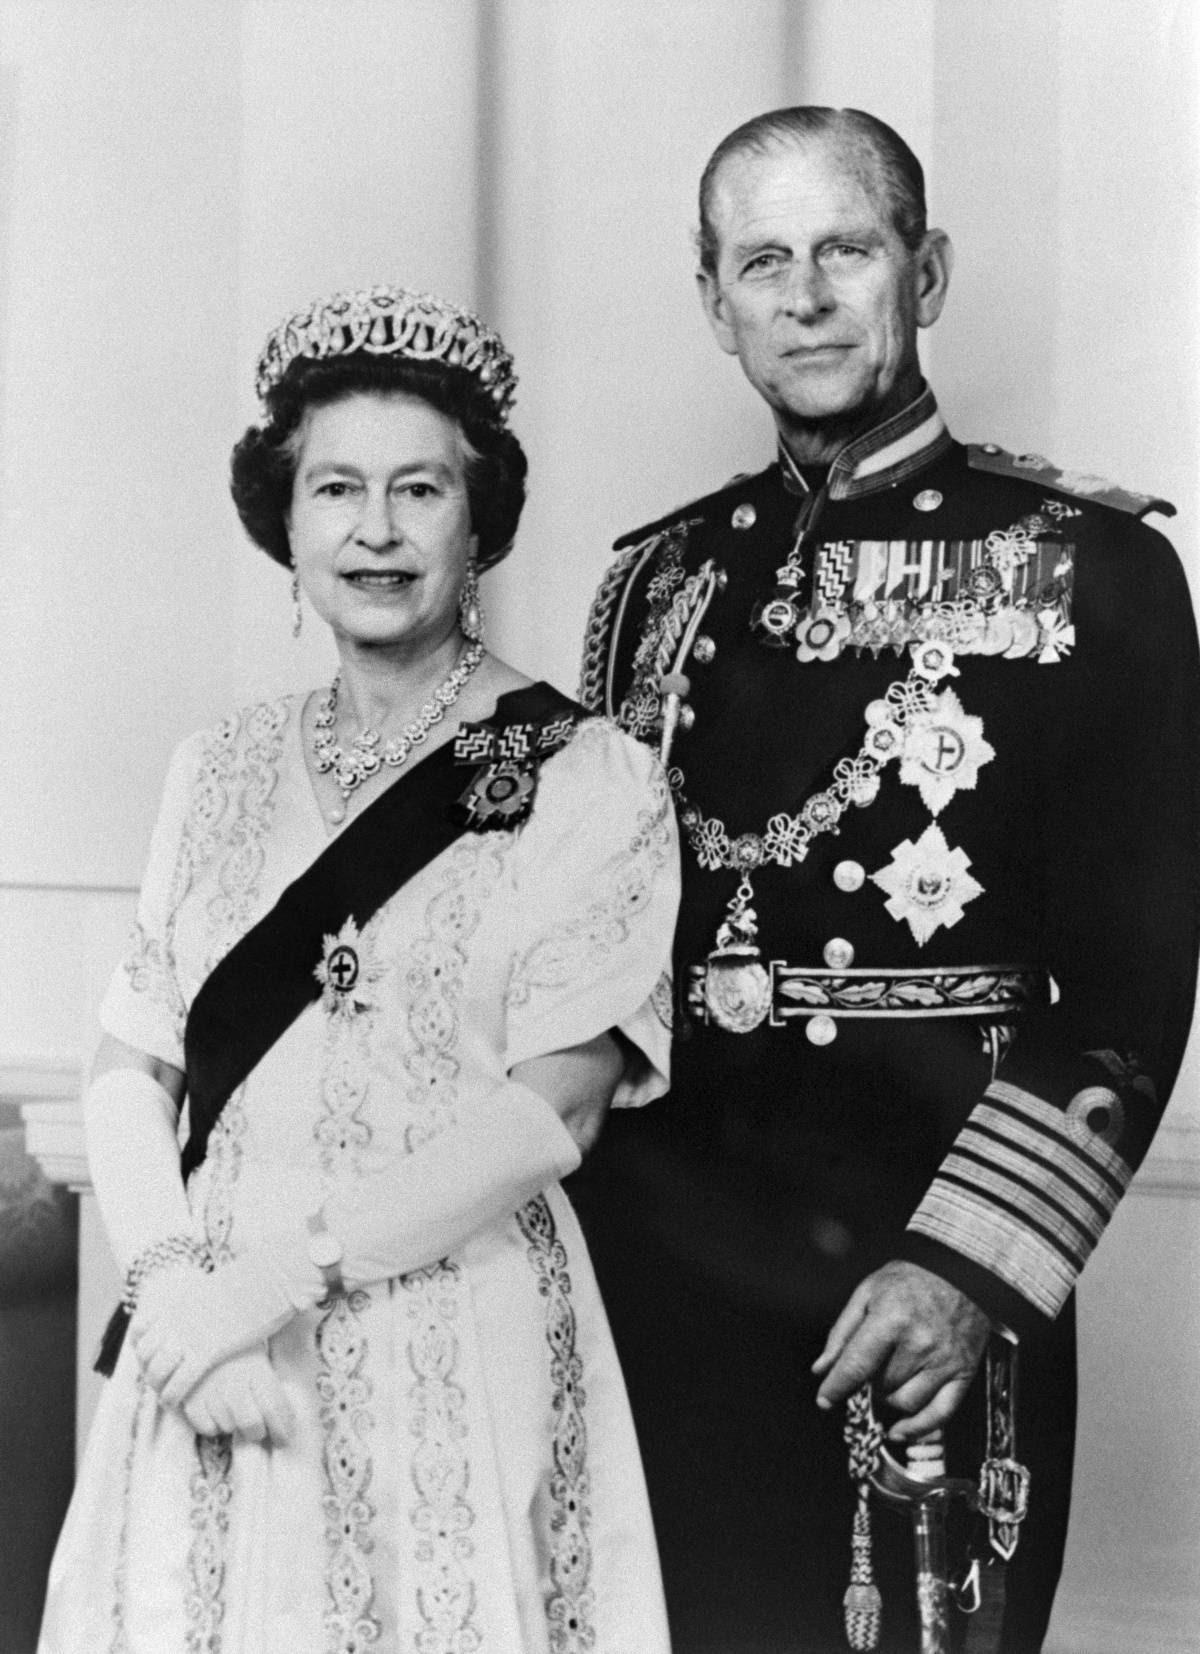 Alto e empertigado, algo distante das exigências do protocolo, Philip assumiu seu papel secundário no reinado nos melhores e piores momentos